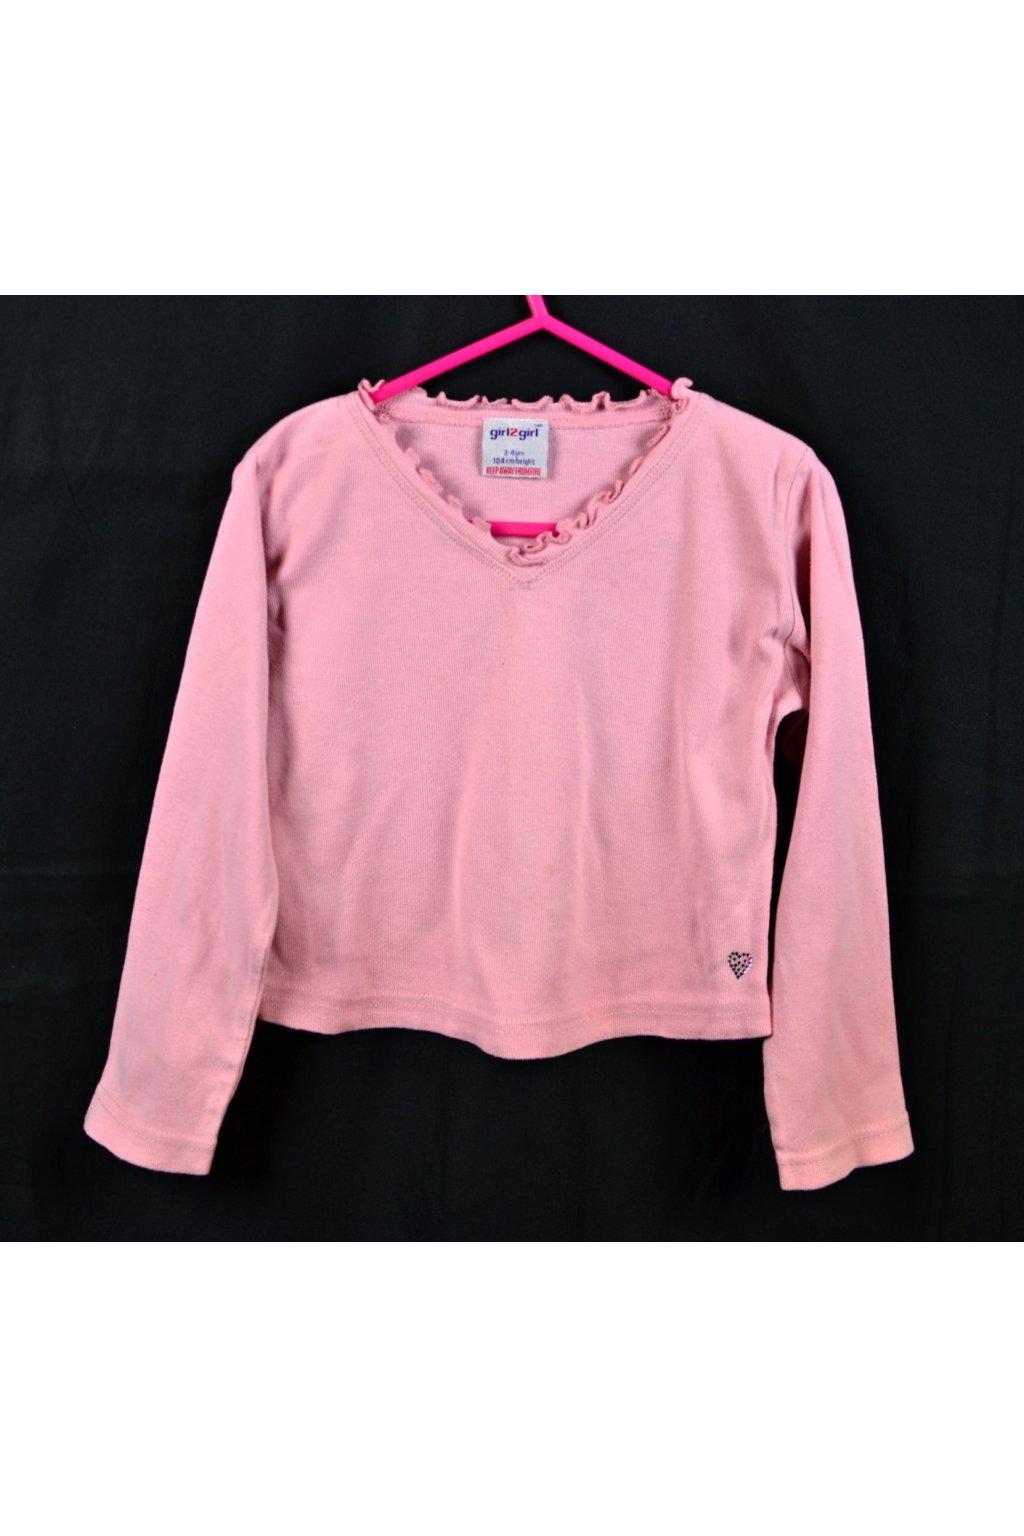 Tričko girl2girl 104 růžové